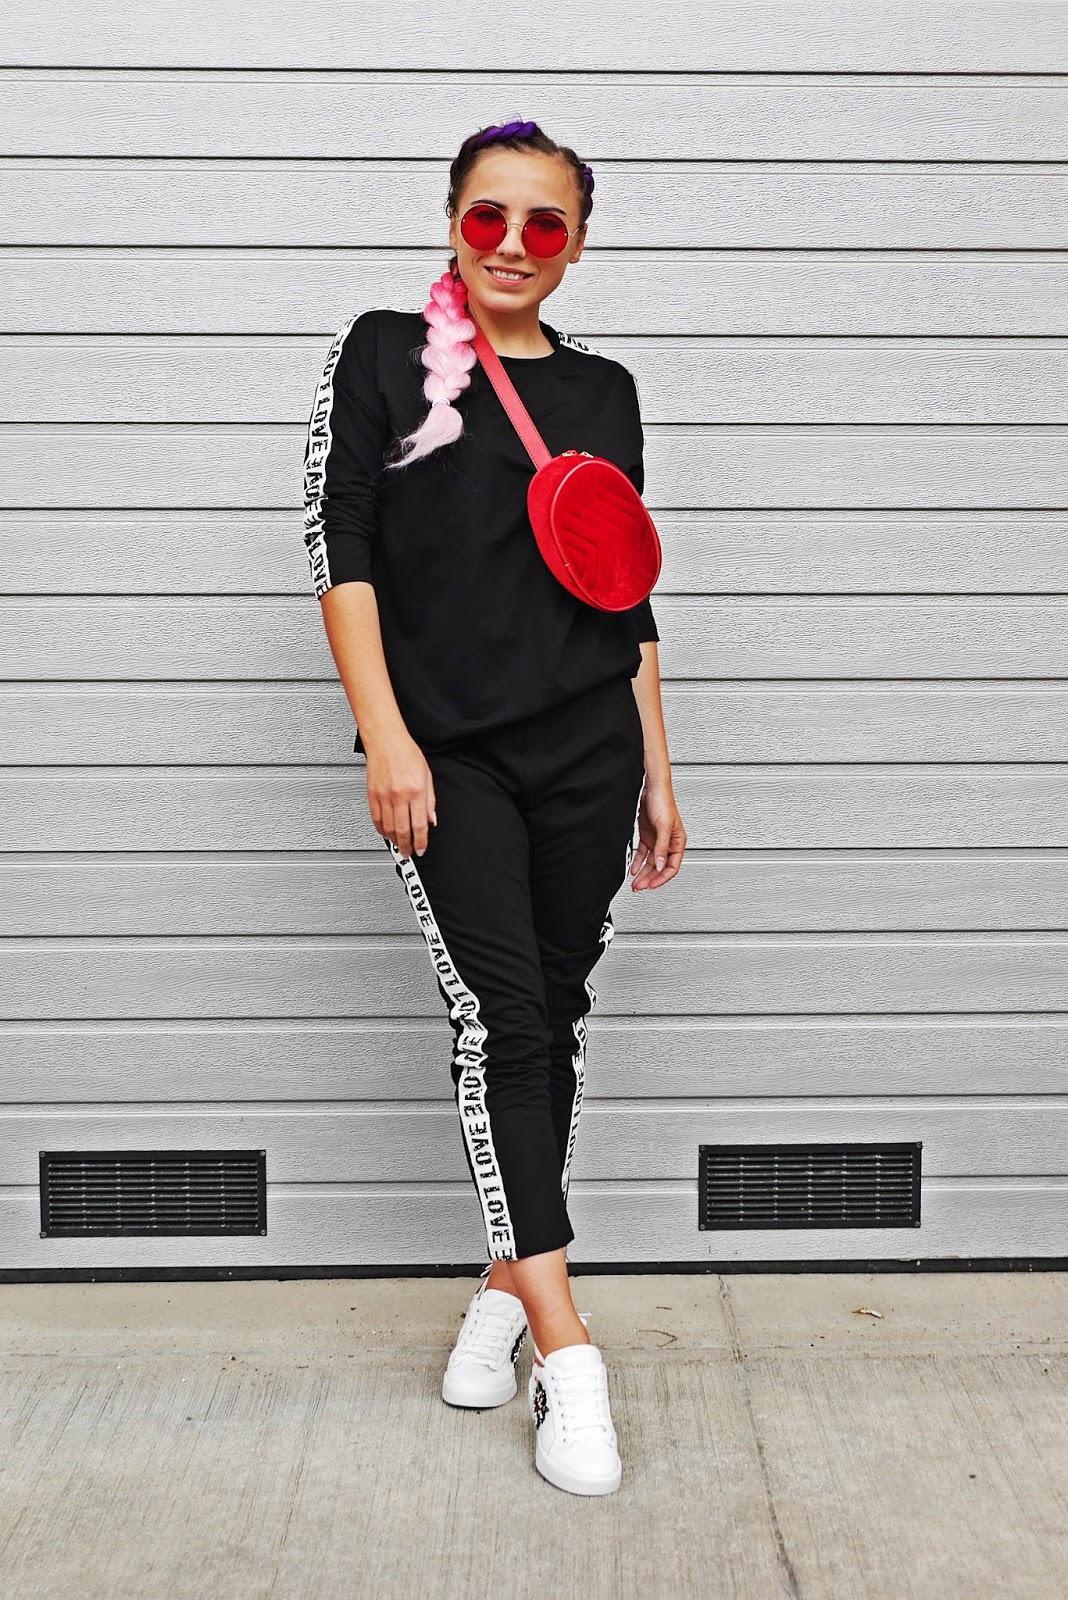 czerwona torebka nerka well designed biało-czerwone buty sportowe karyn blog modowy